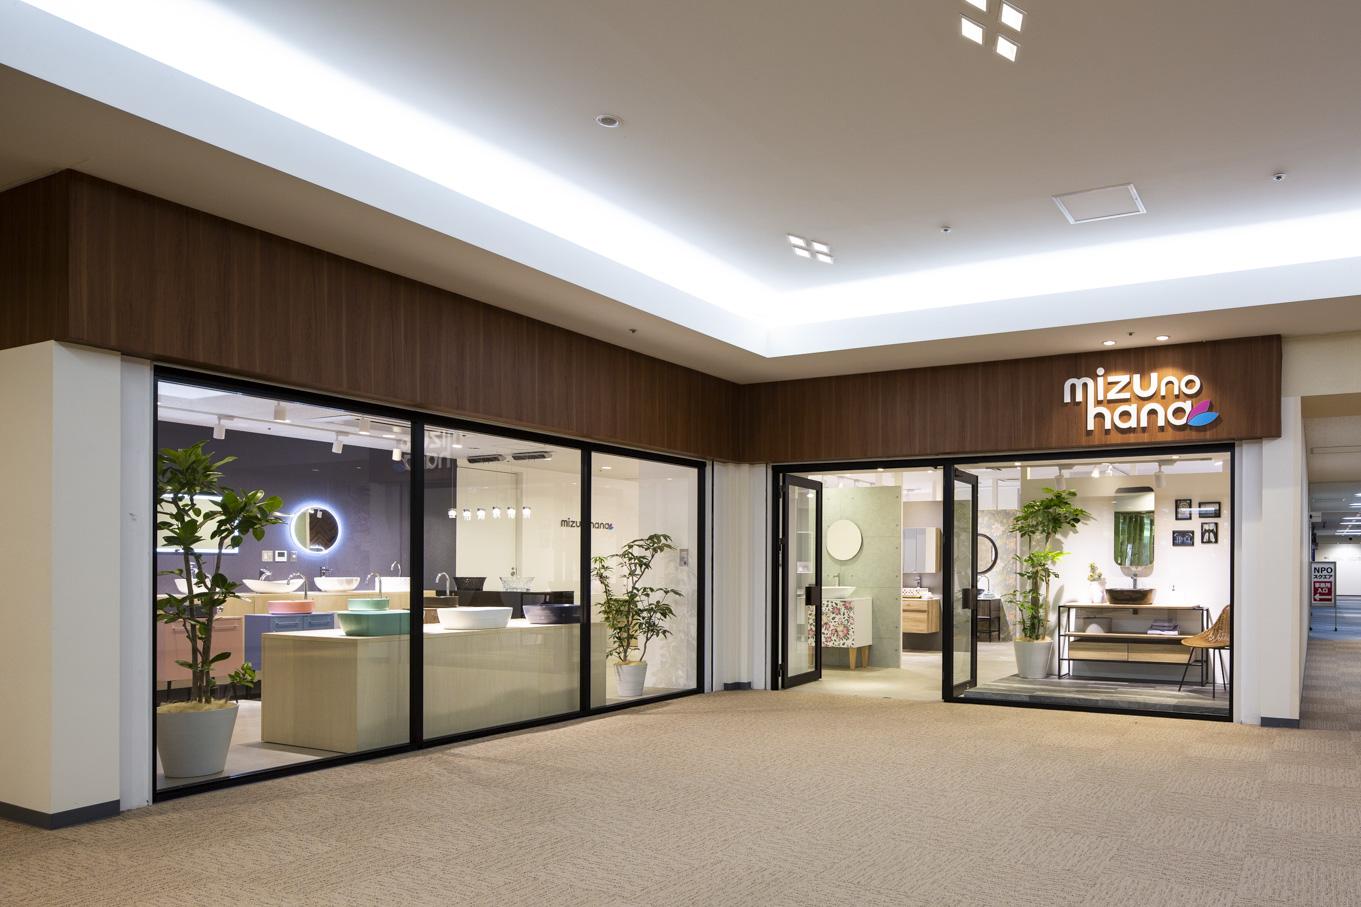 商品を際立たせる、シンプルで機能性の高い内装のショールームデザイン事例